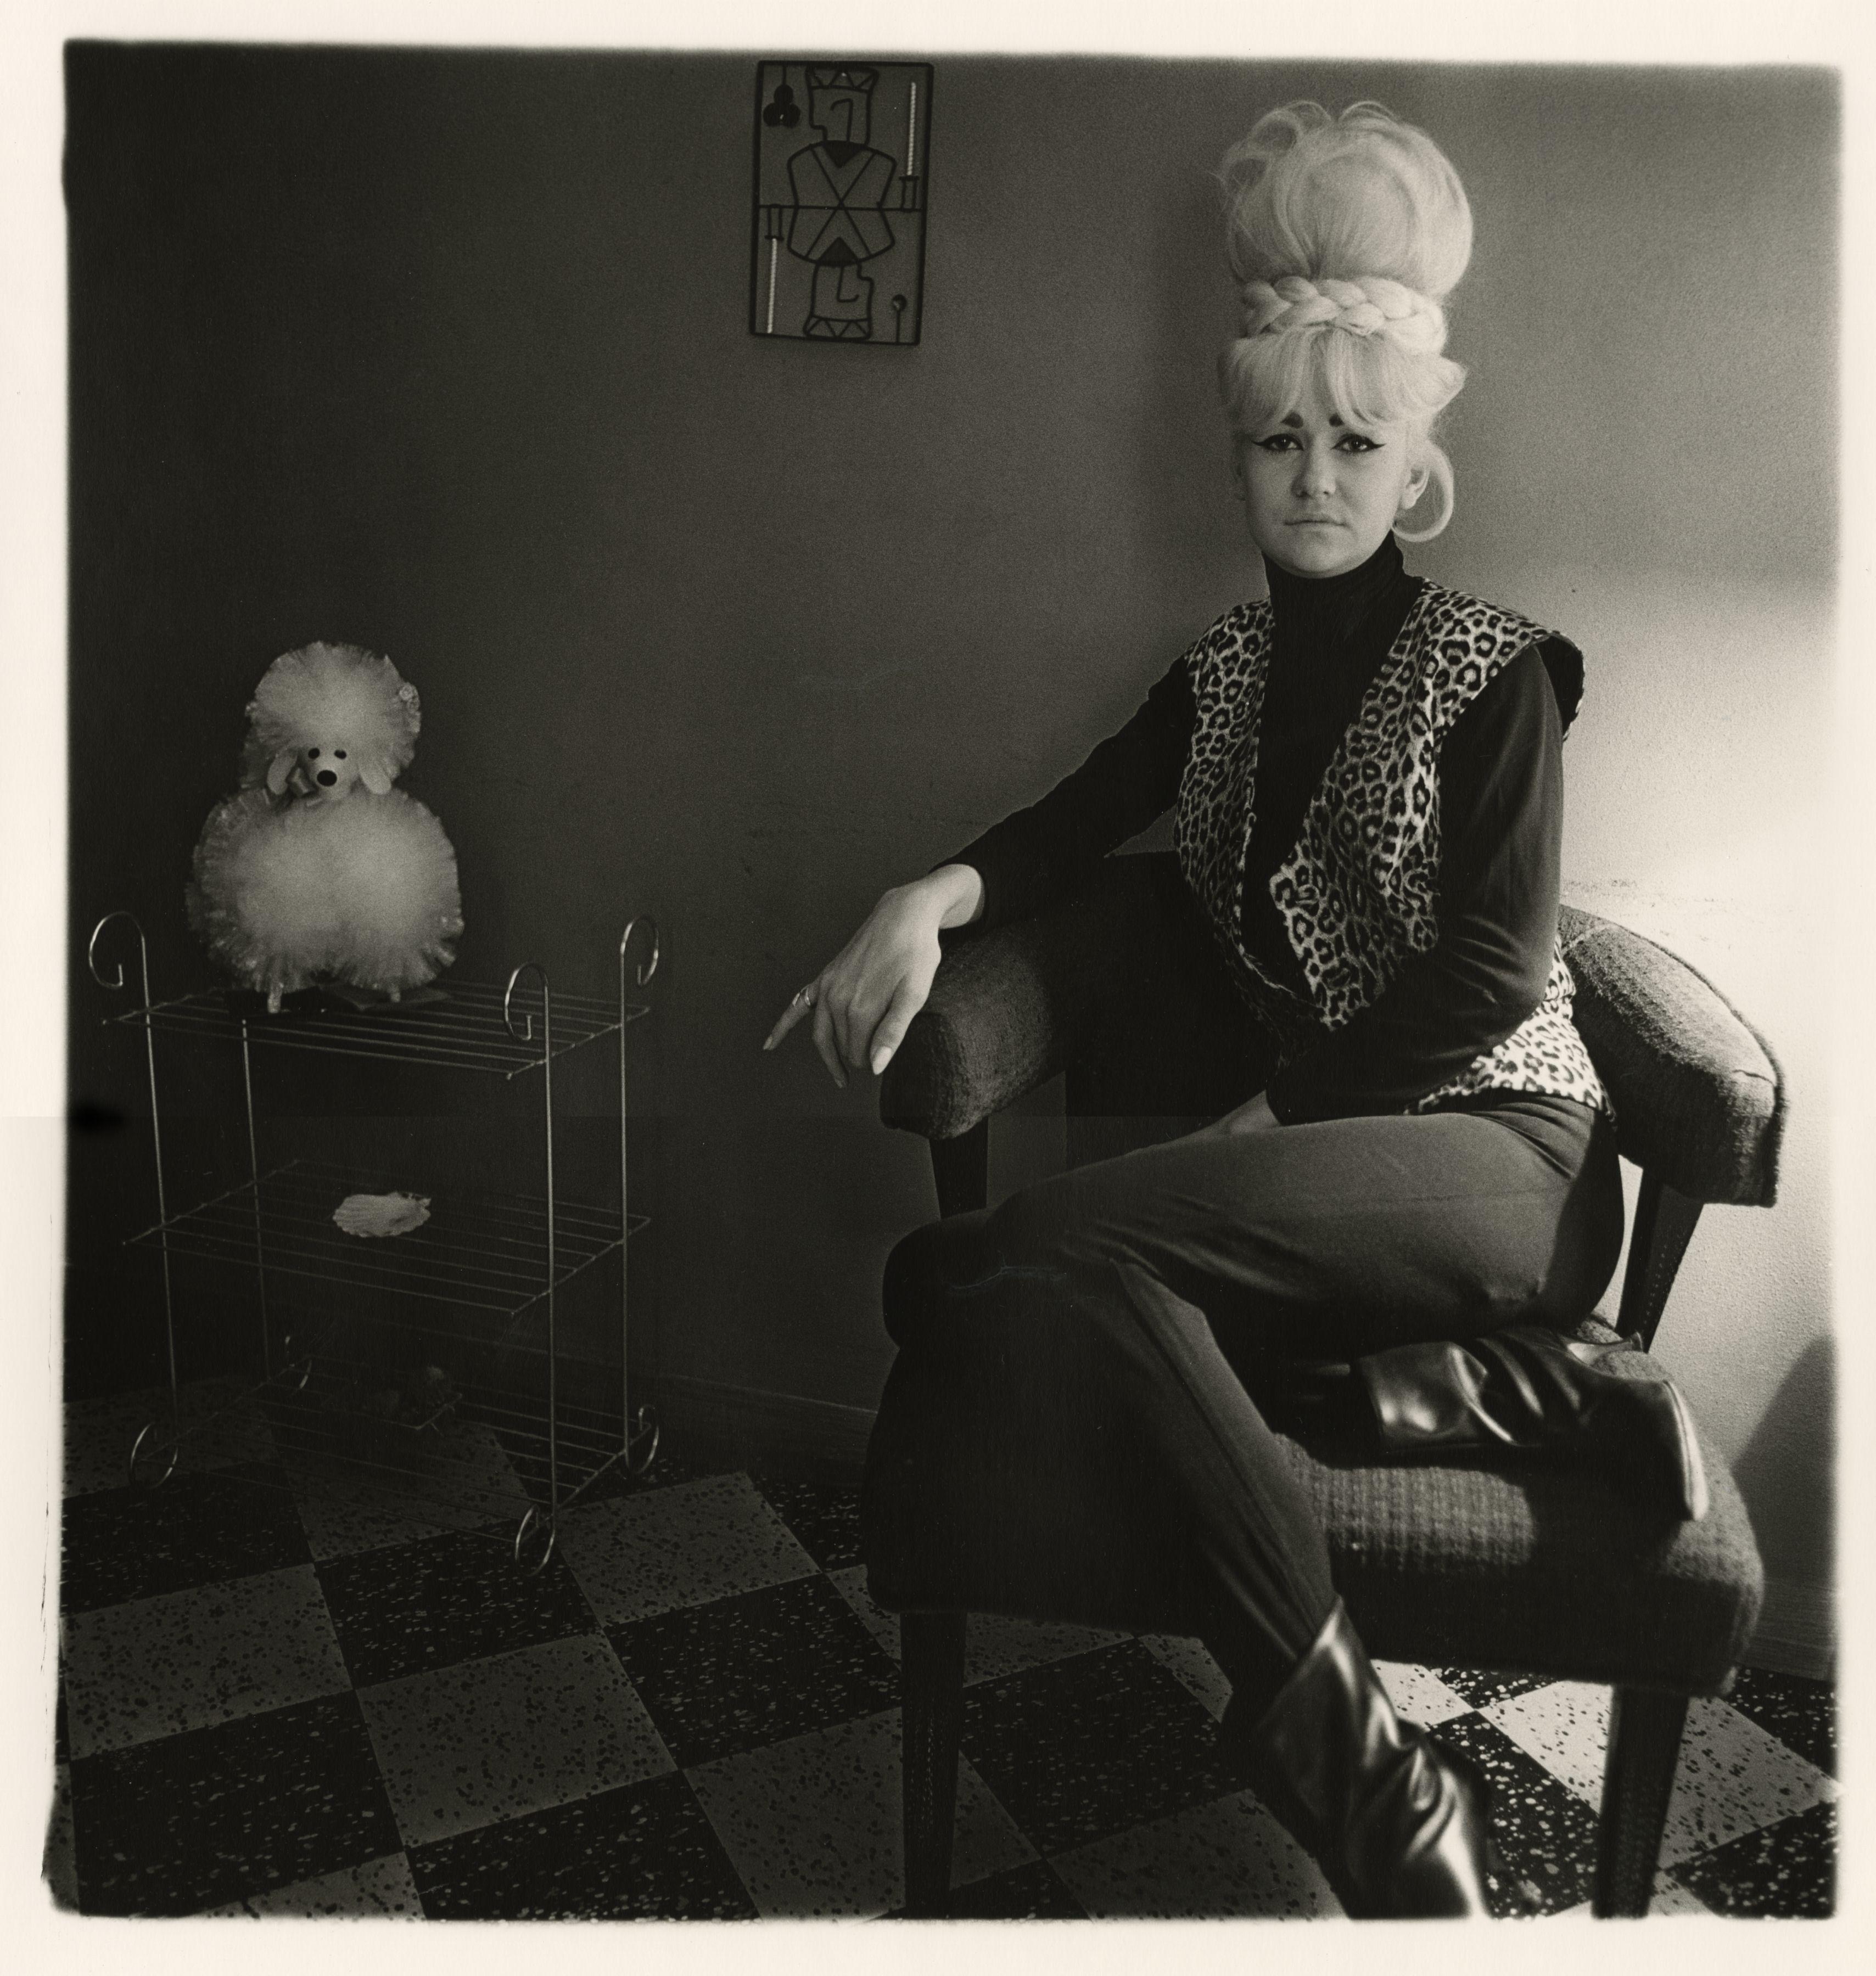 Diane Arbus A Collection of (22) Diane Arbus Photographs